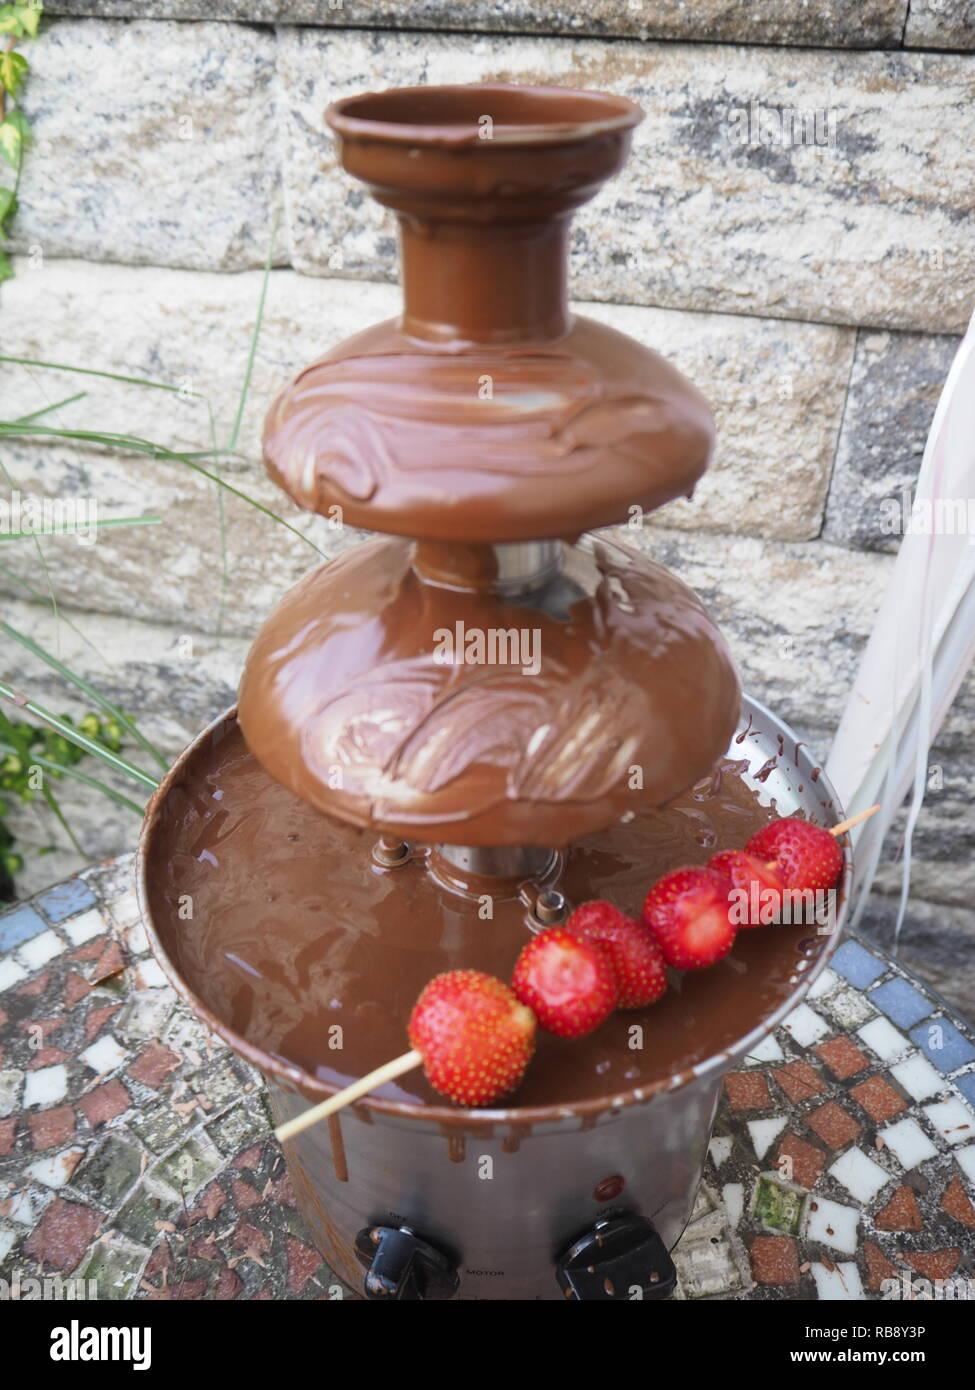 Al cioccolato-Fontana di cioccolato fonduta di cioccolato Fontana di cioccolato fondue